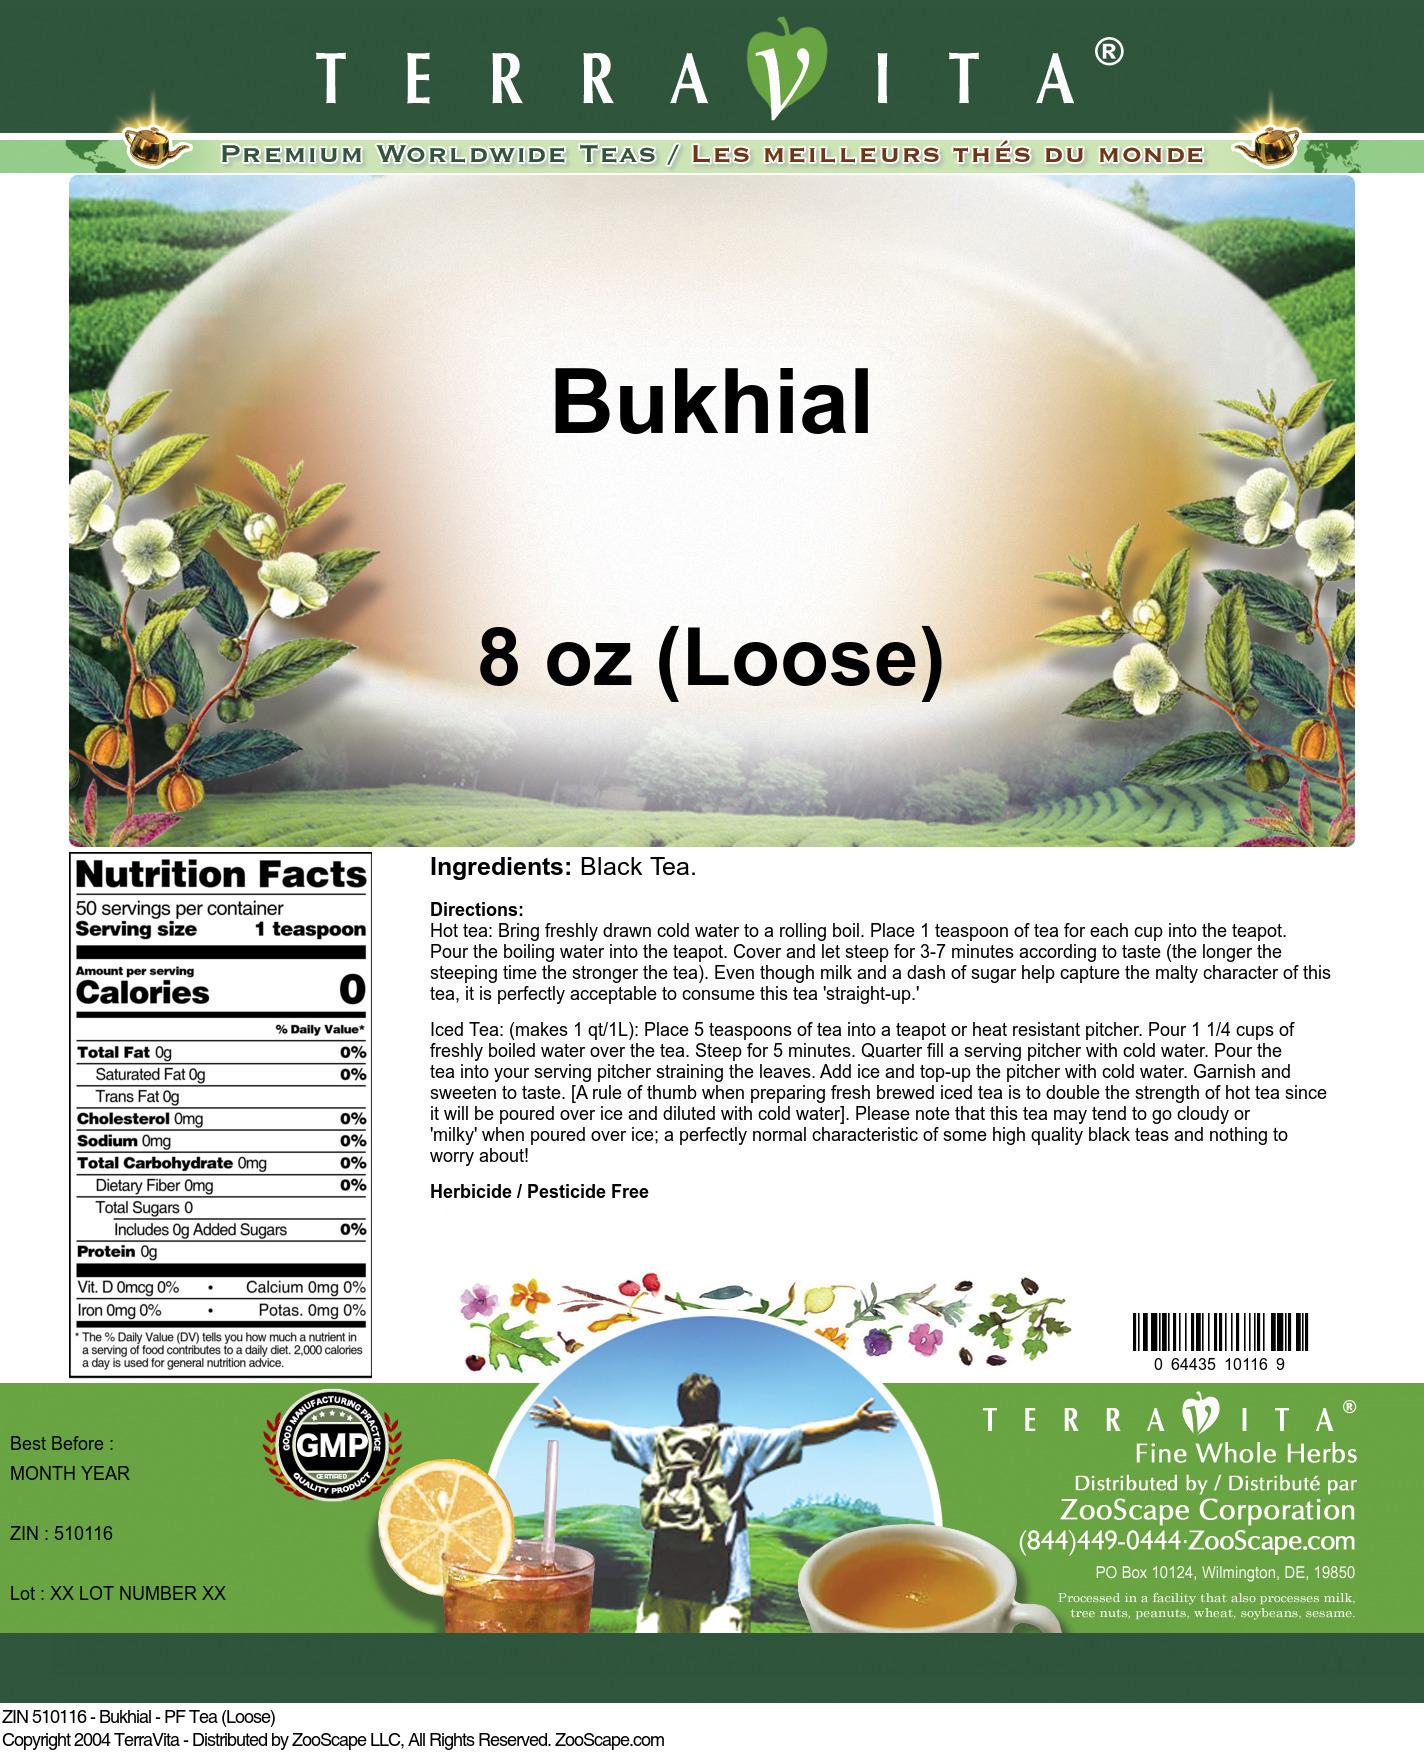 Bukhial - PF Tea (Loose)